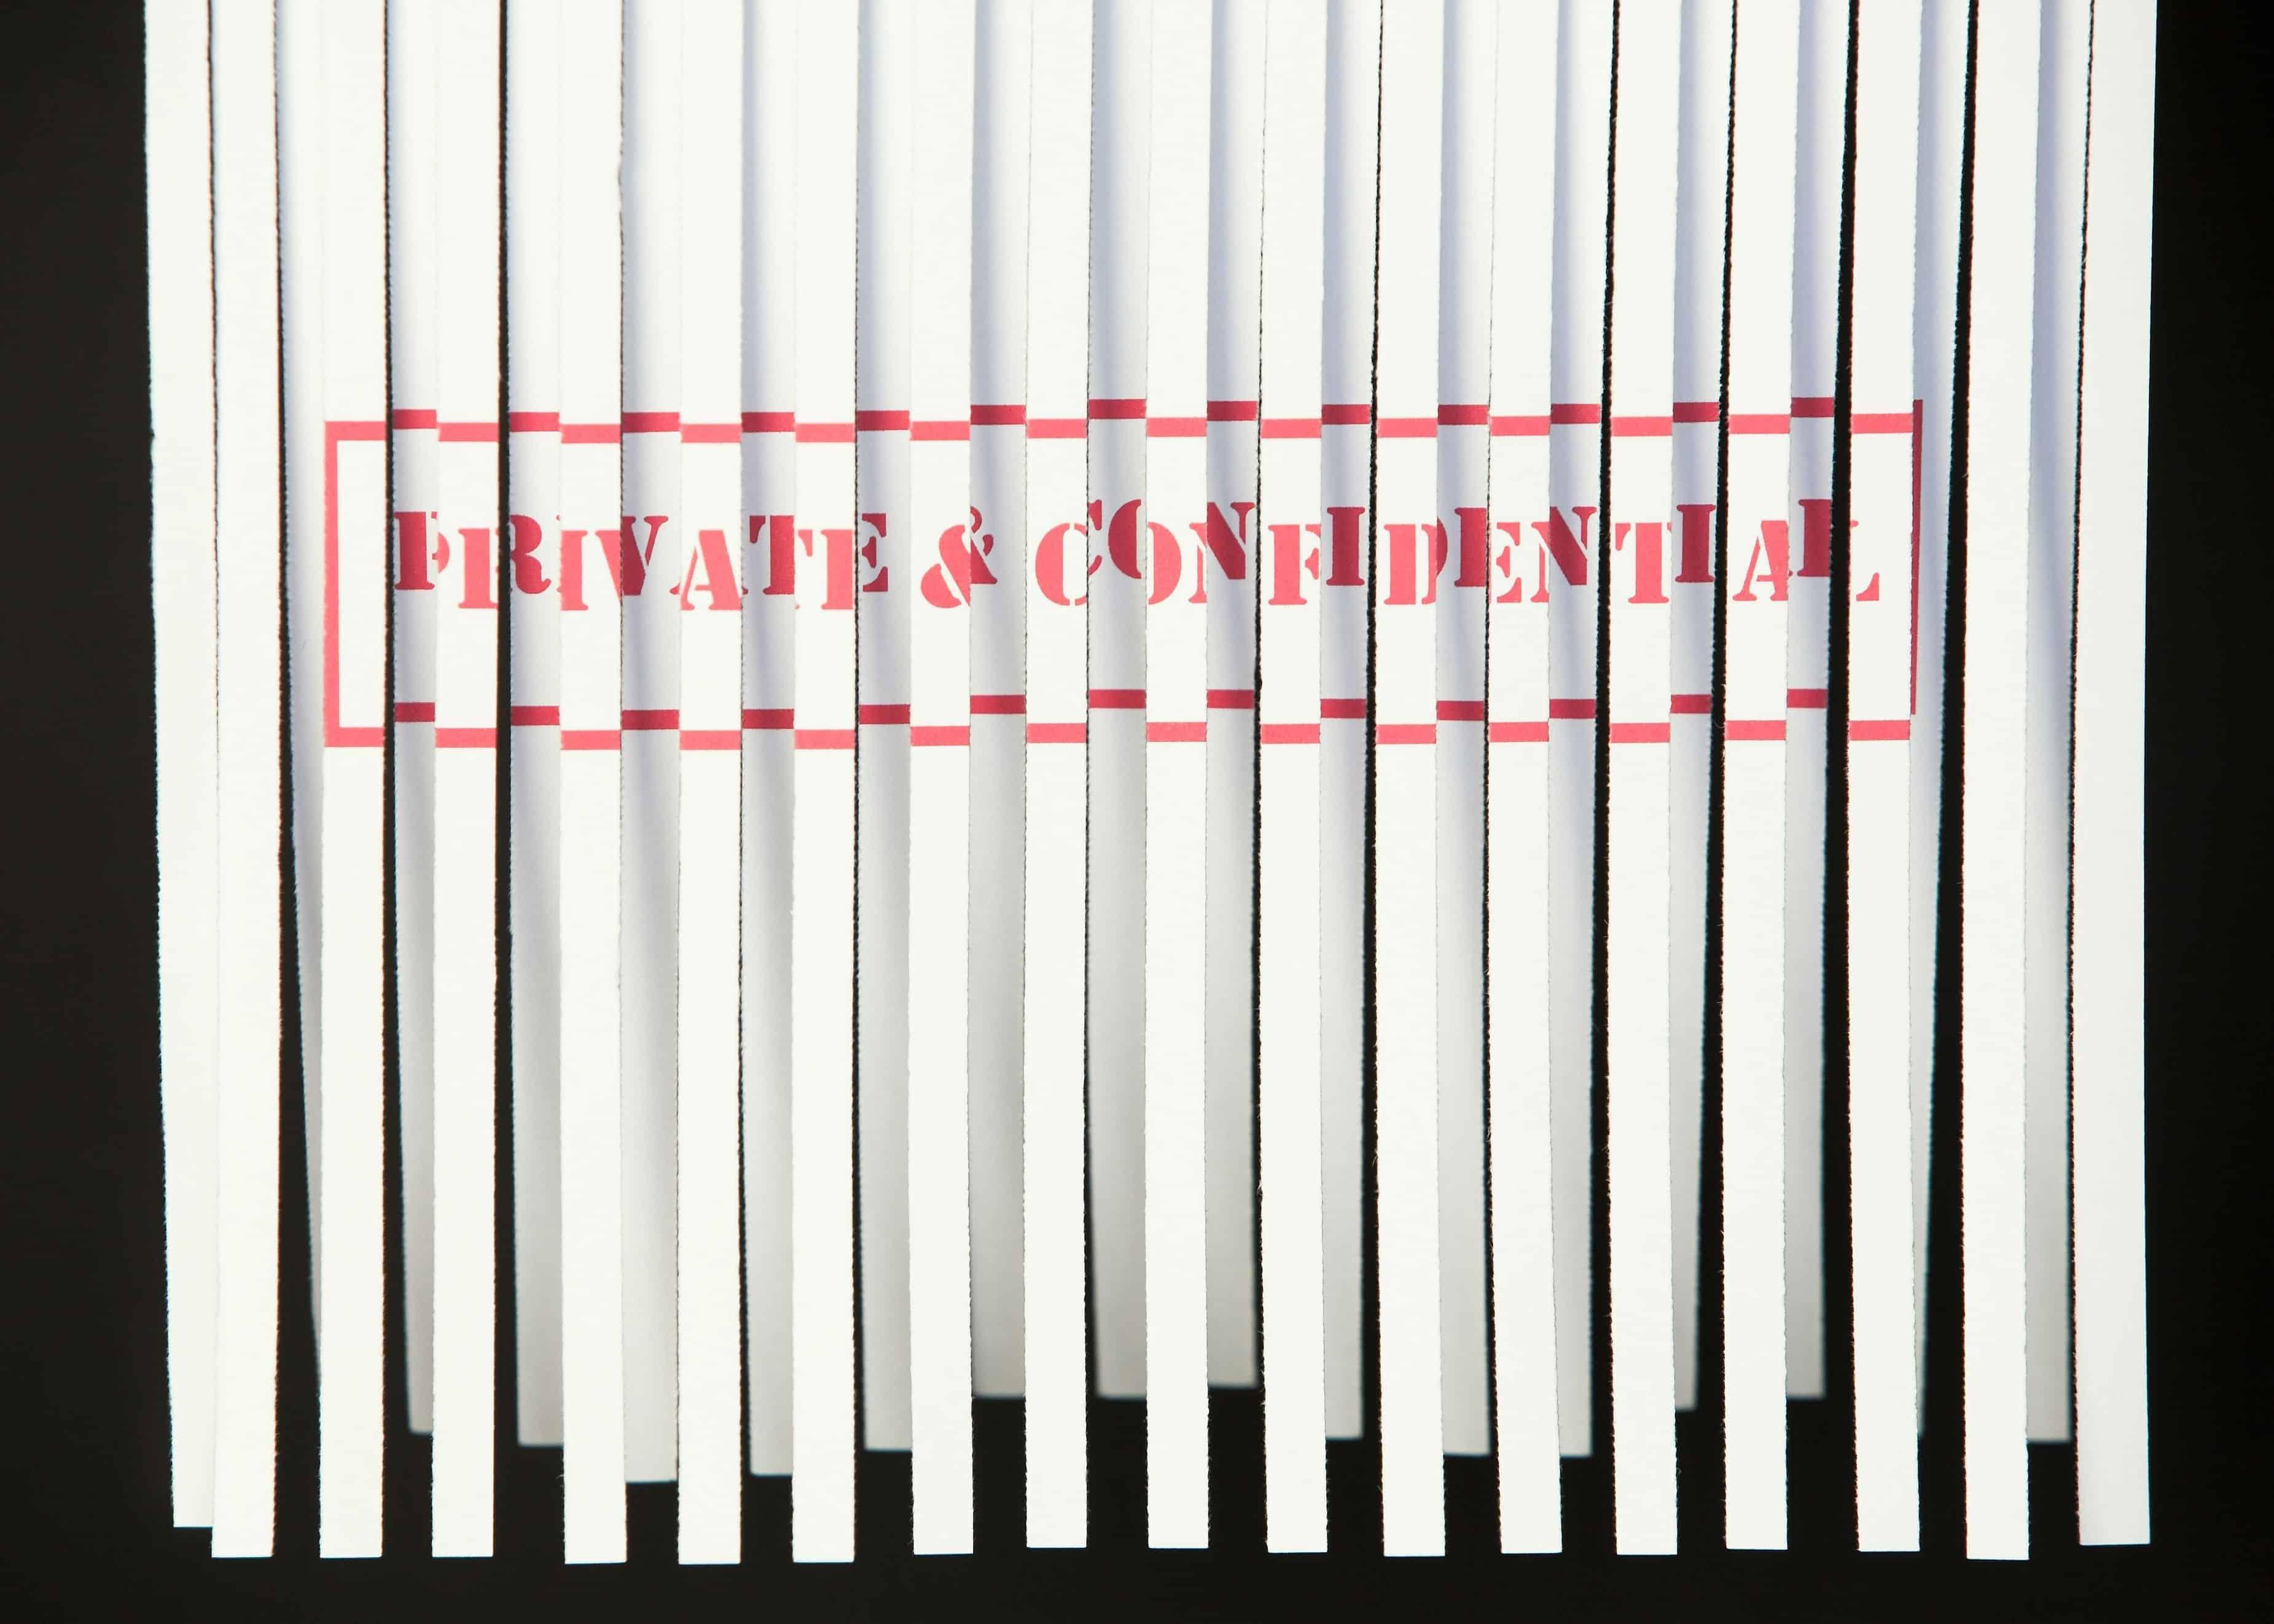 5 Tips to Avoid Online Threats